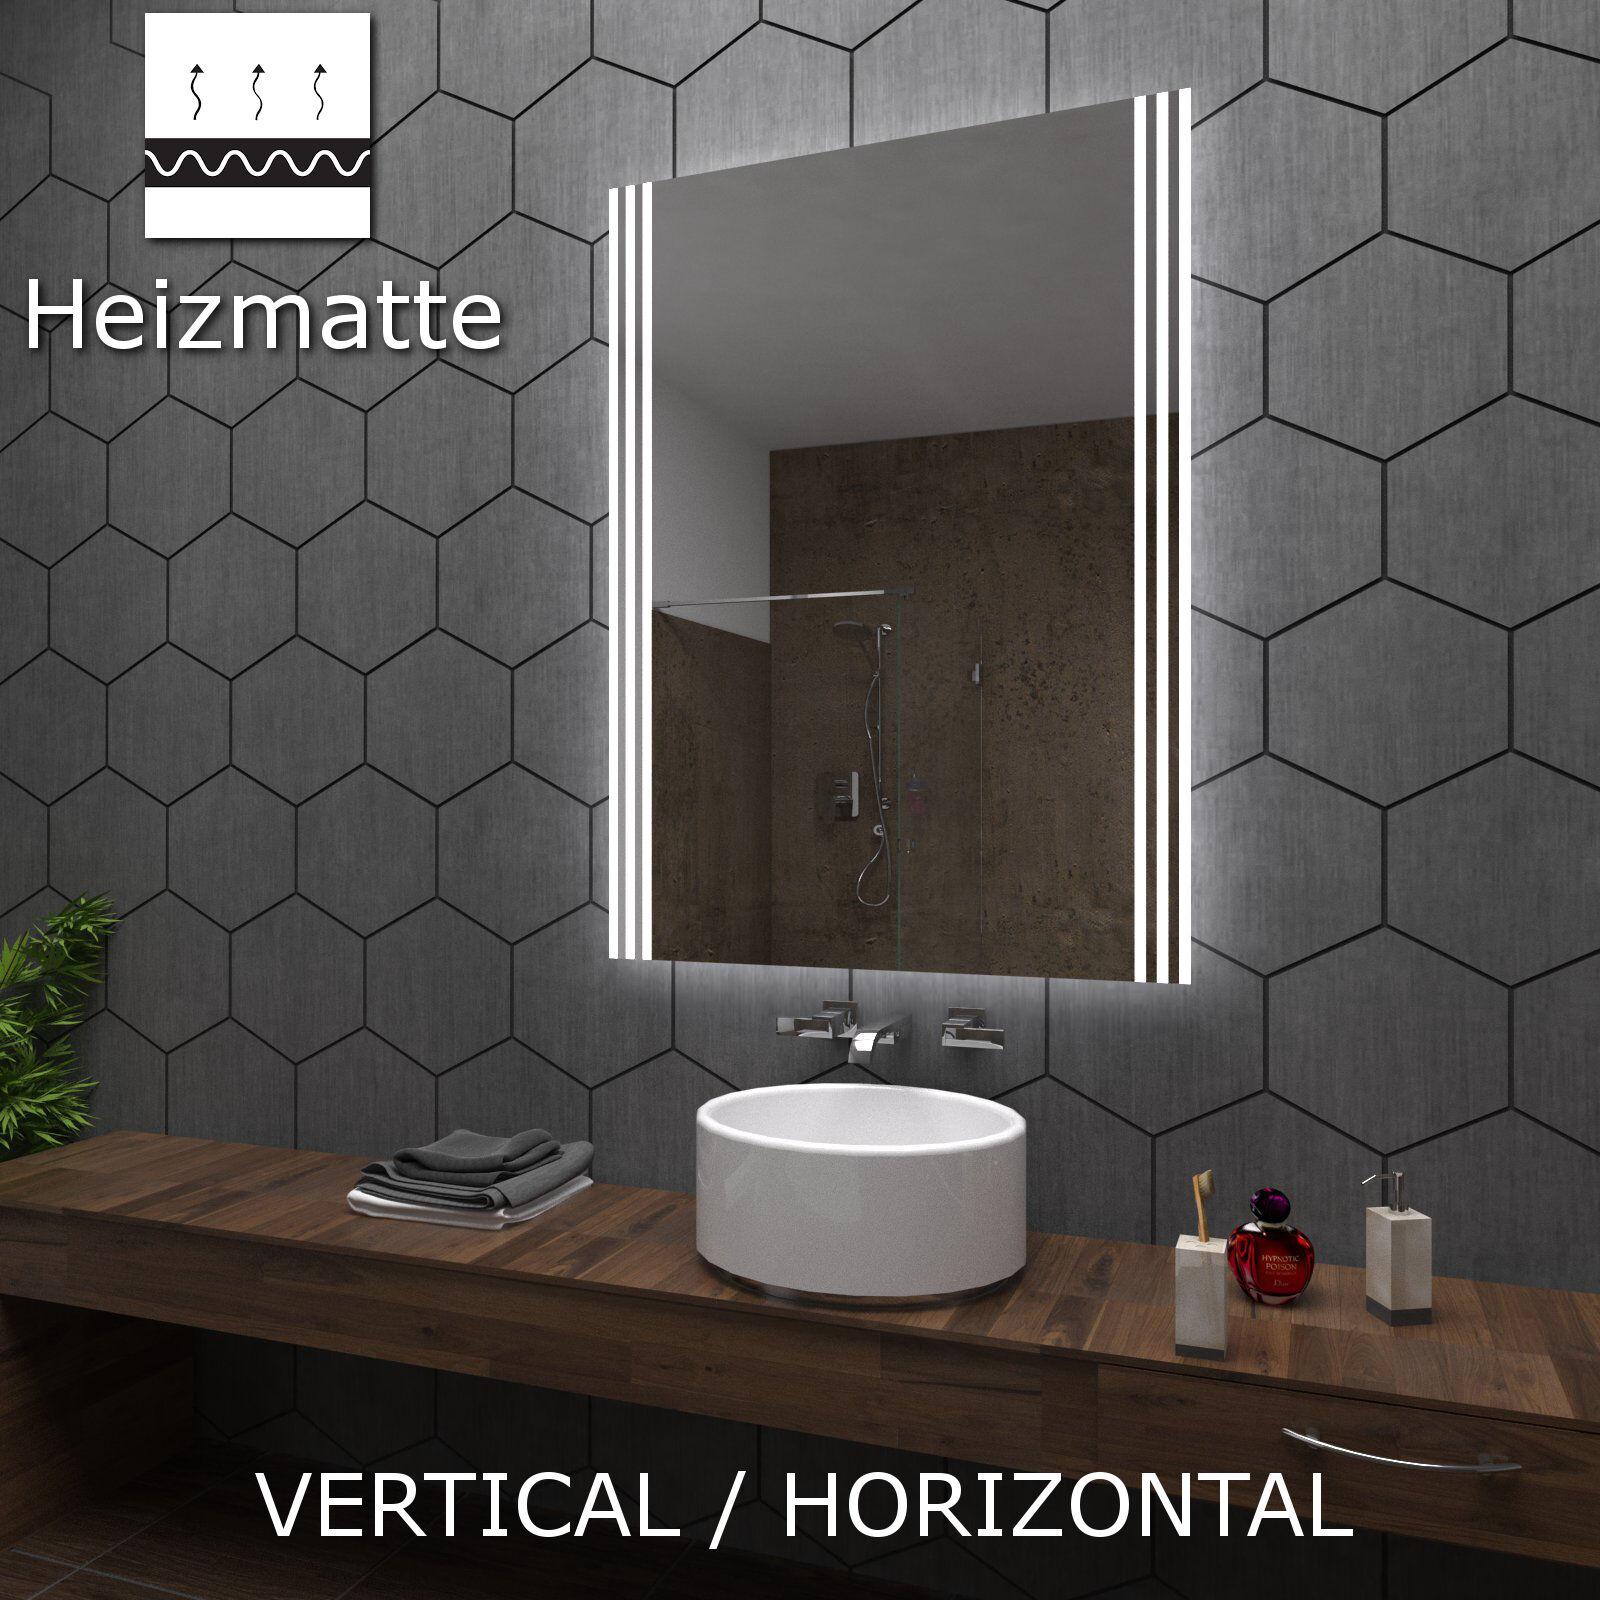 ARICA Badspiegel mit LED Beleuchtung Wandspiegel  nach Maß Heizmatte ECO